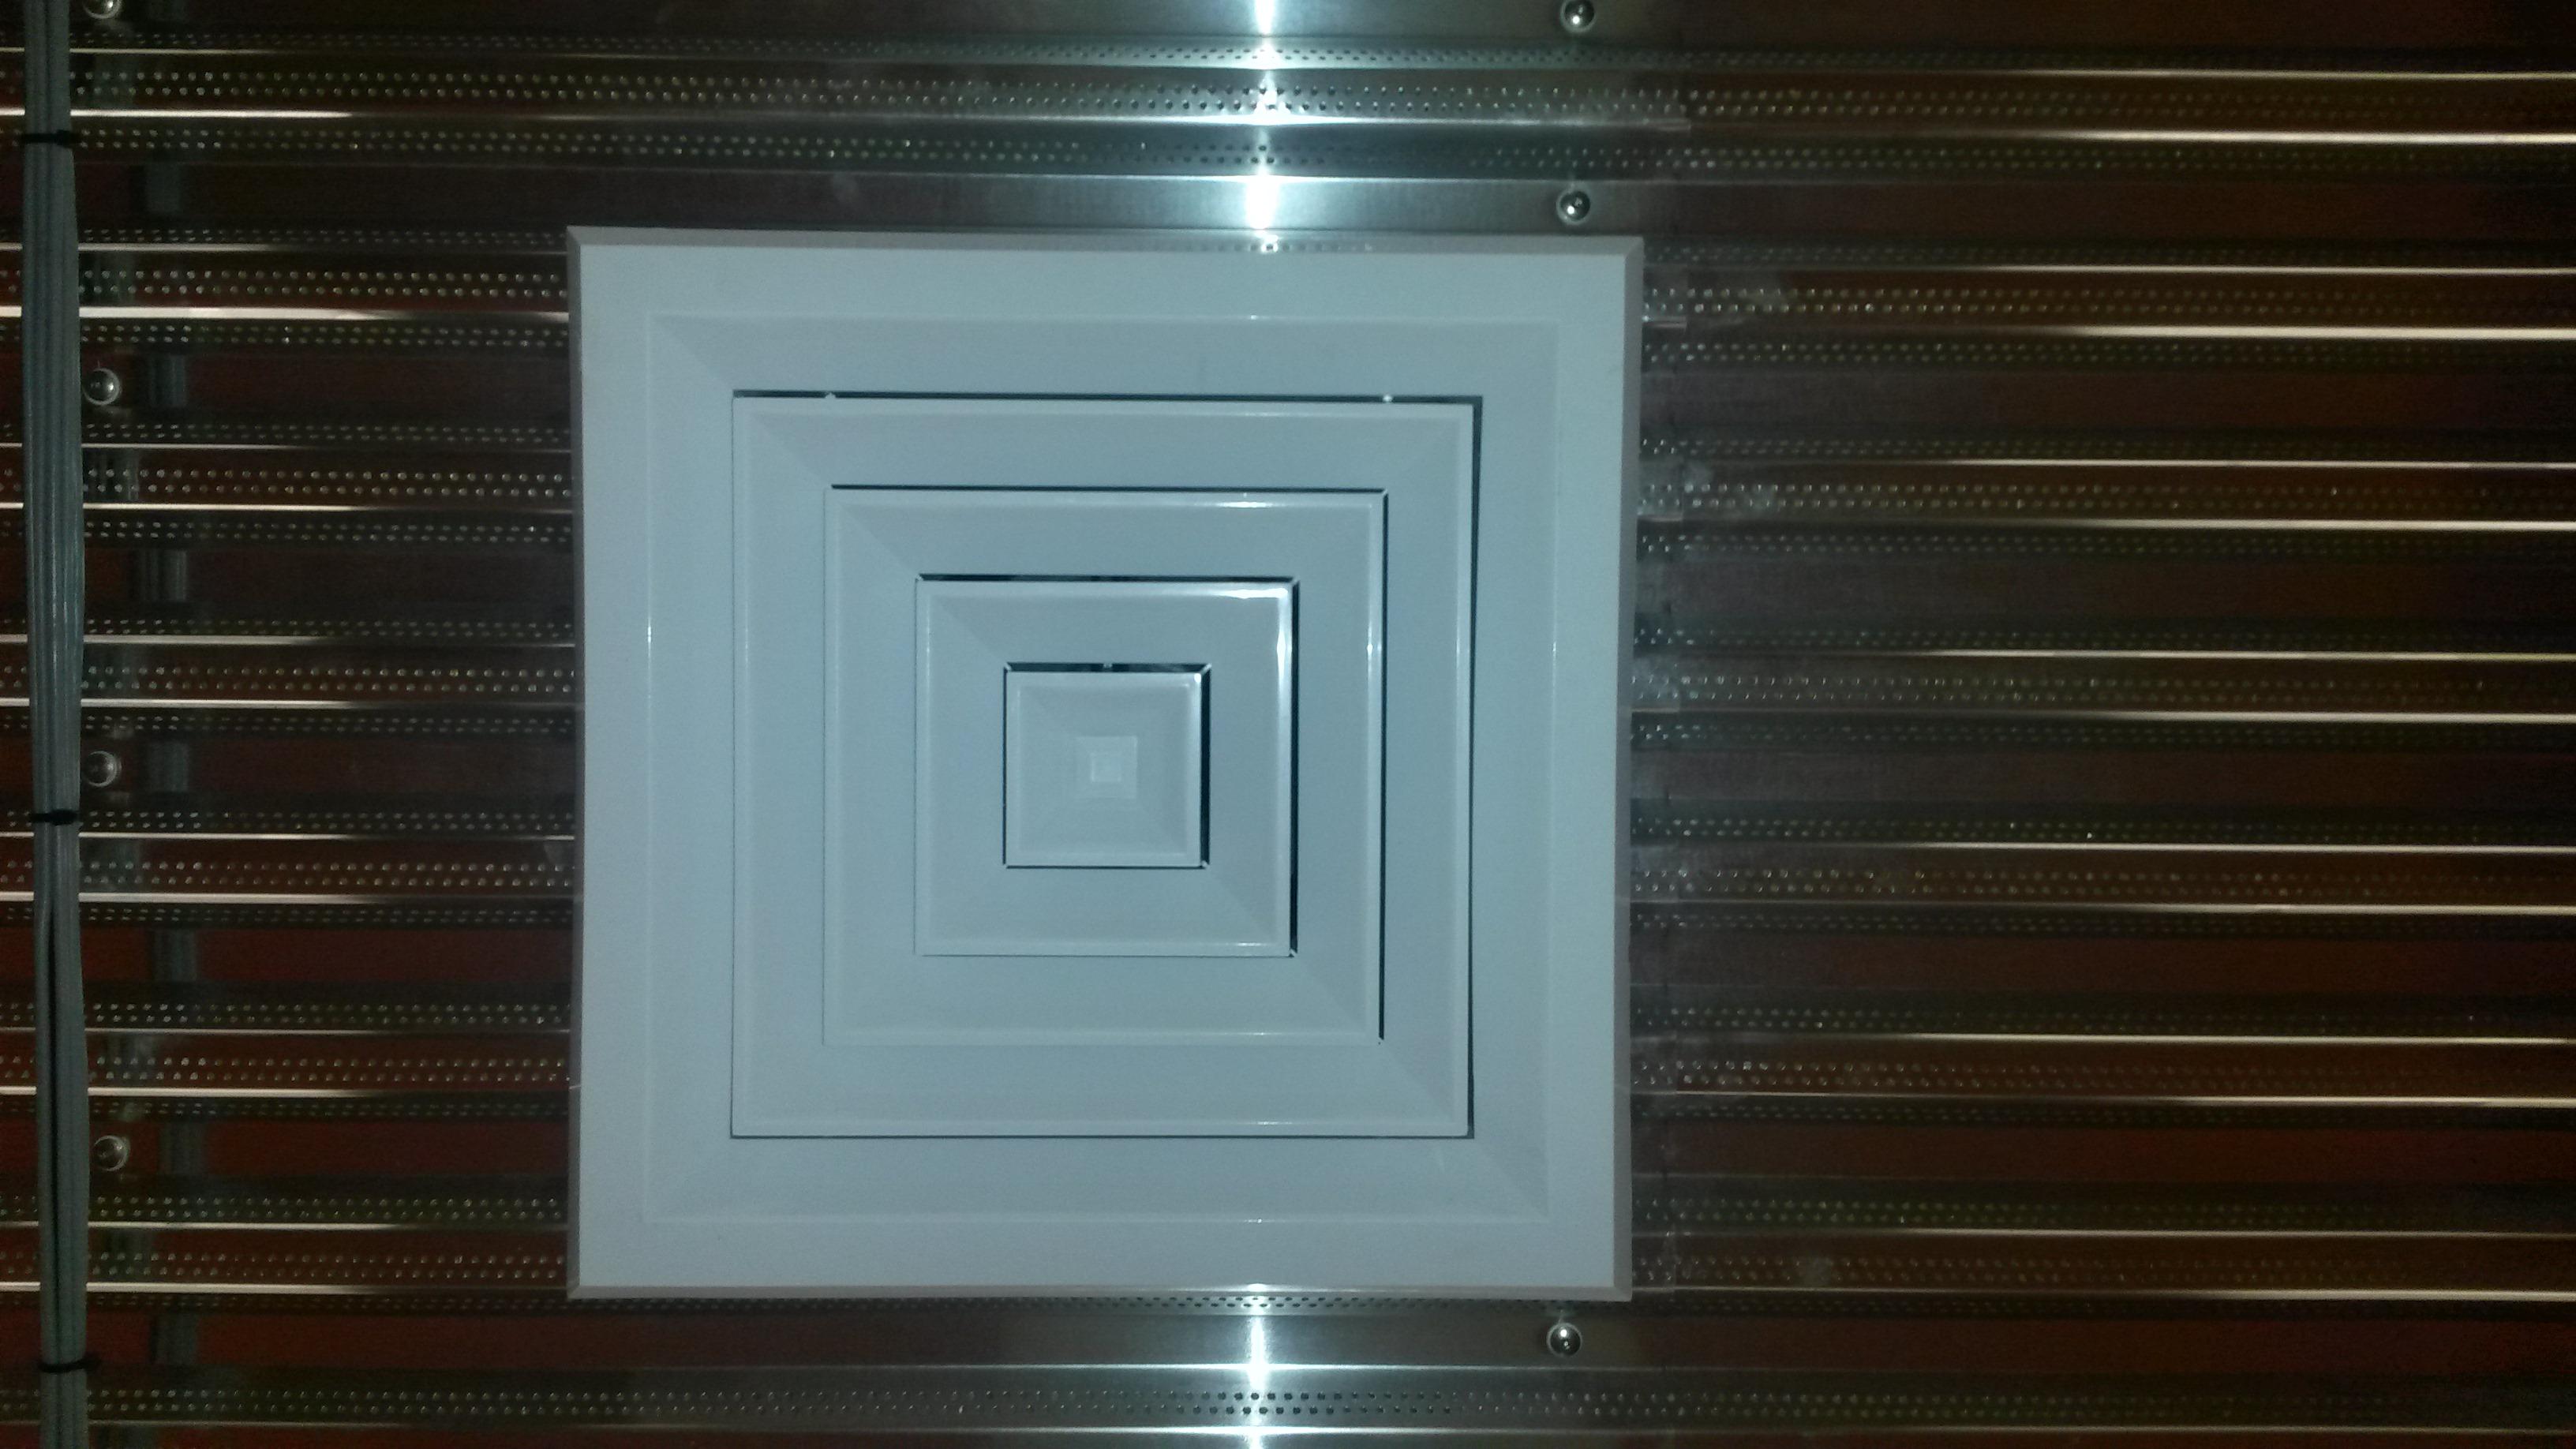 Bouches encastrées à diffuseurs horizontaux à débit orientés et reprise concentrique avec un noyau mécanique